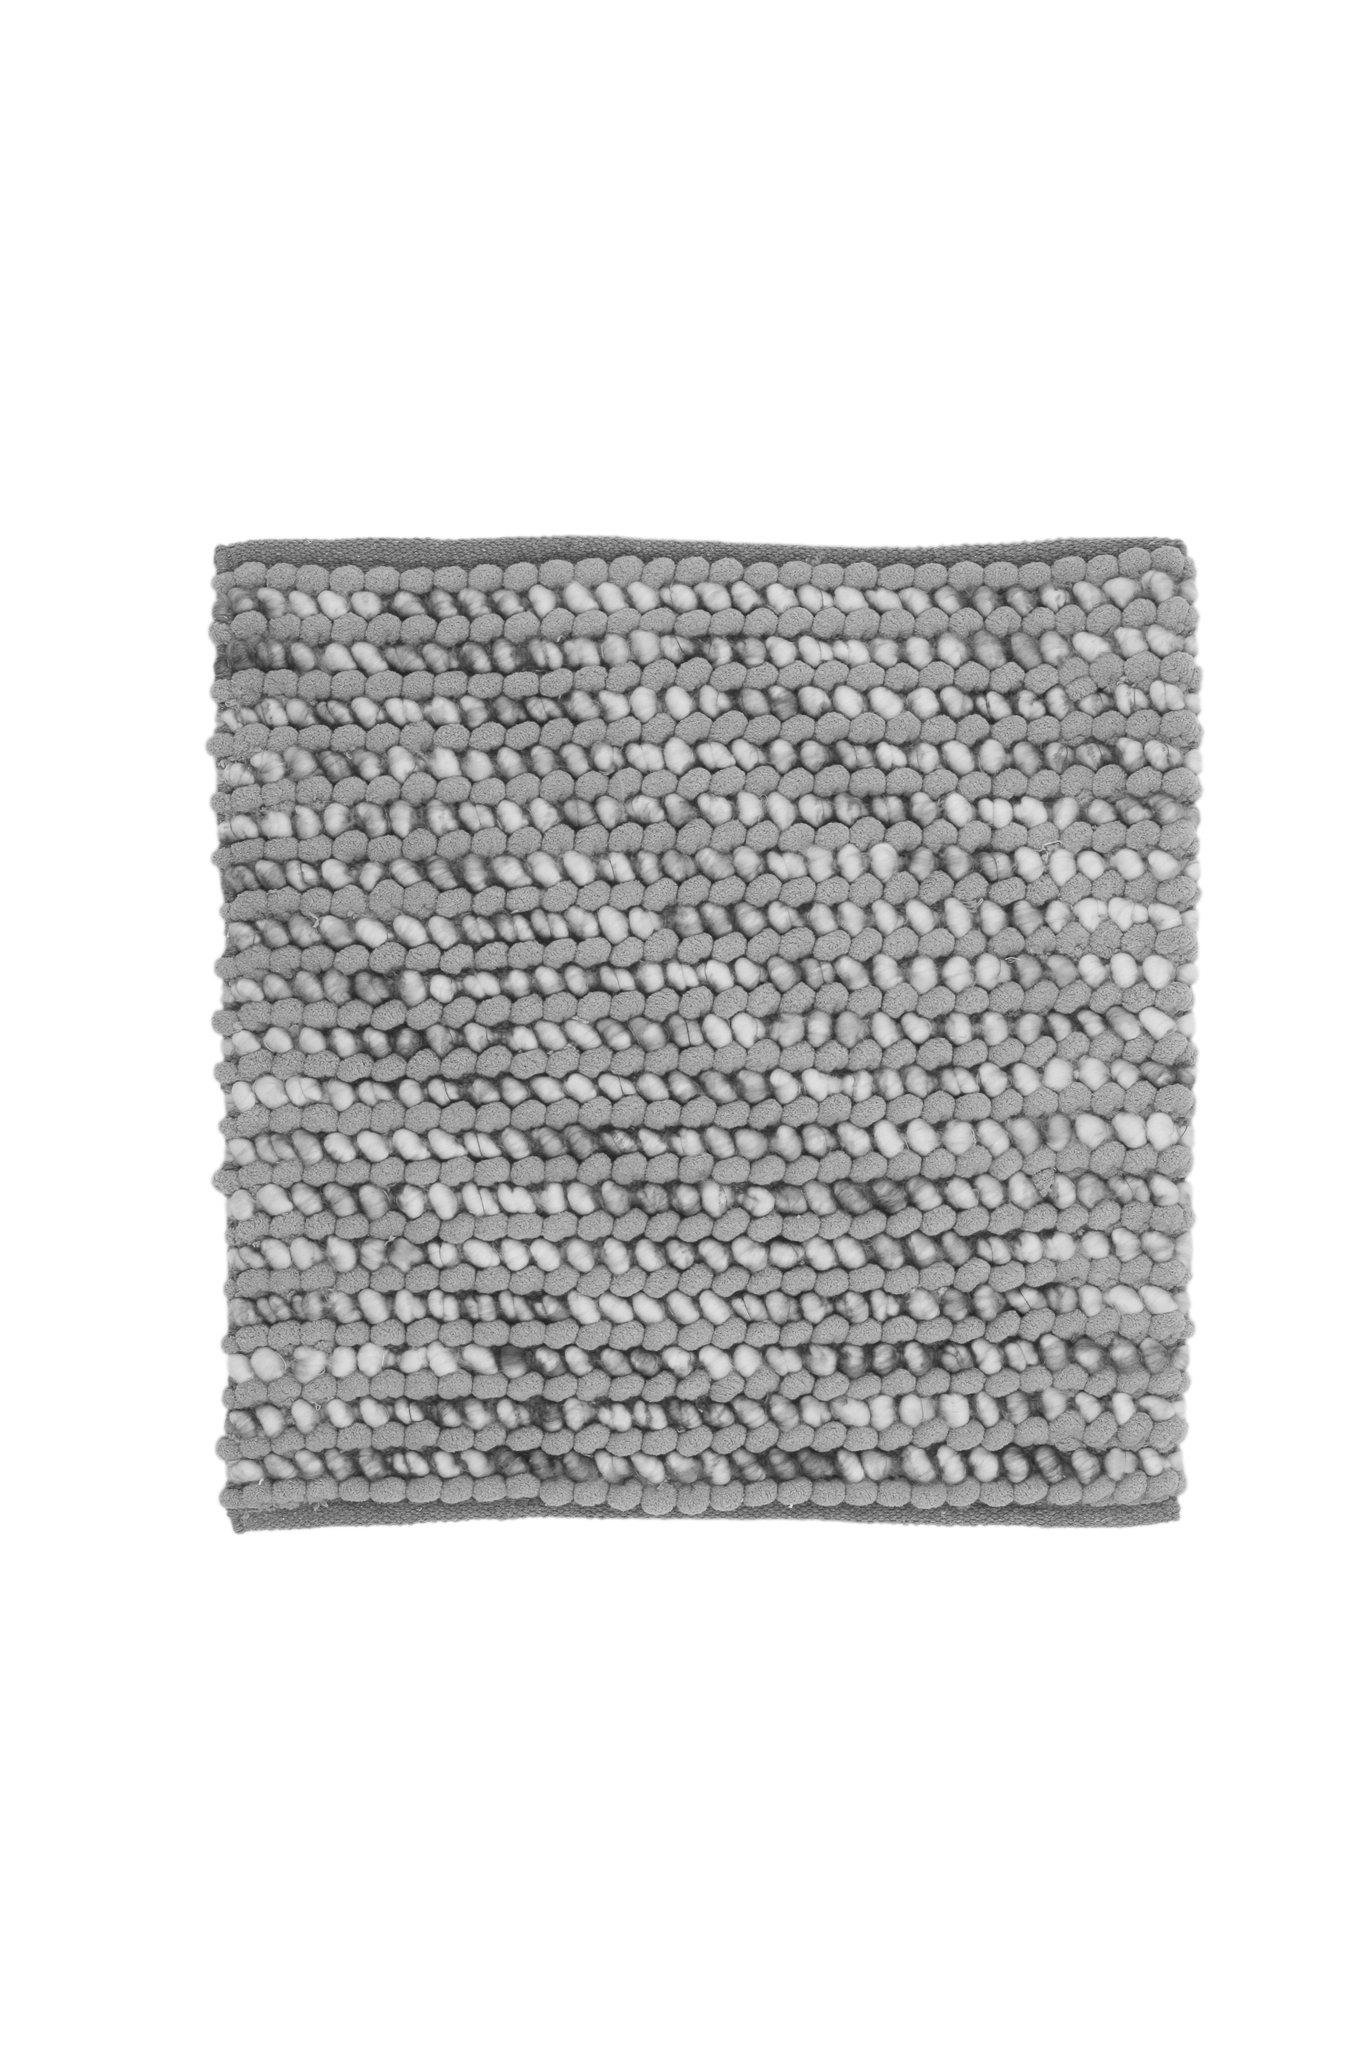 Mylene Badematte 60x60 Light Grey